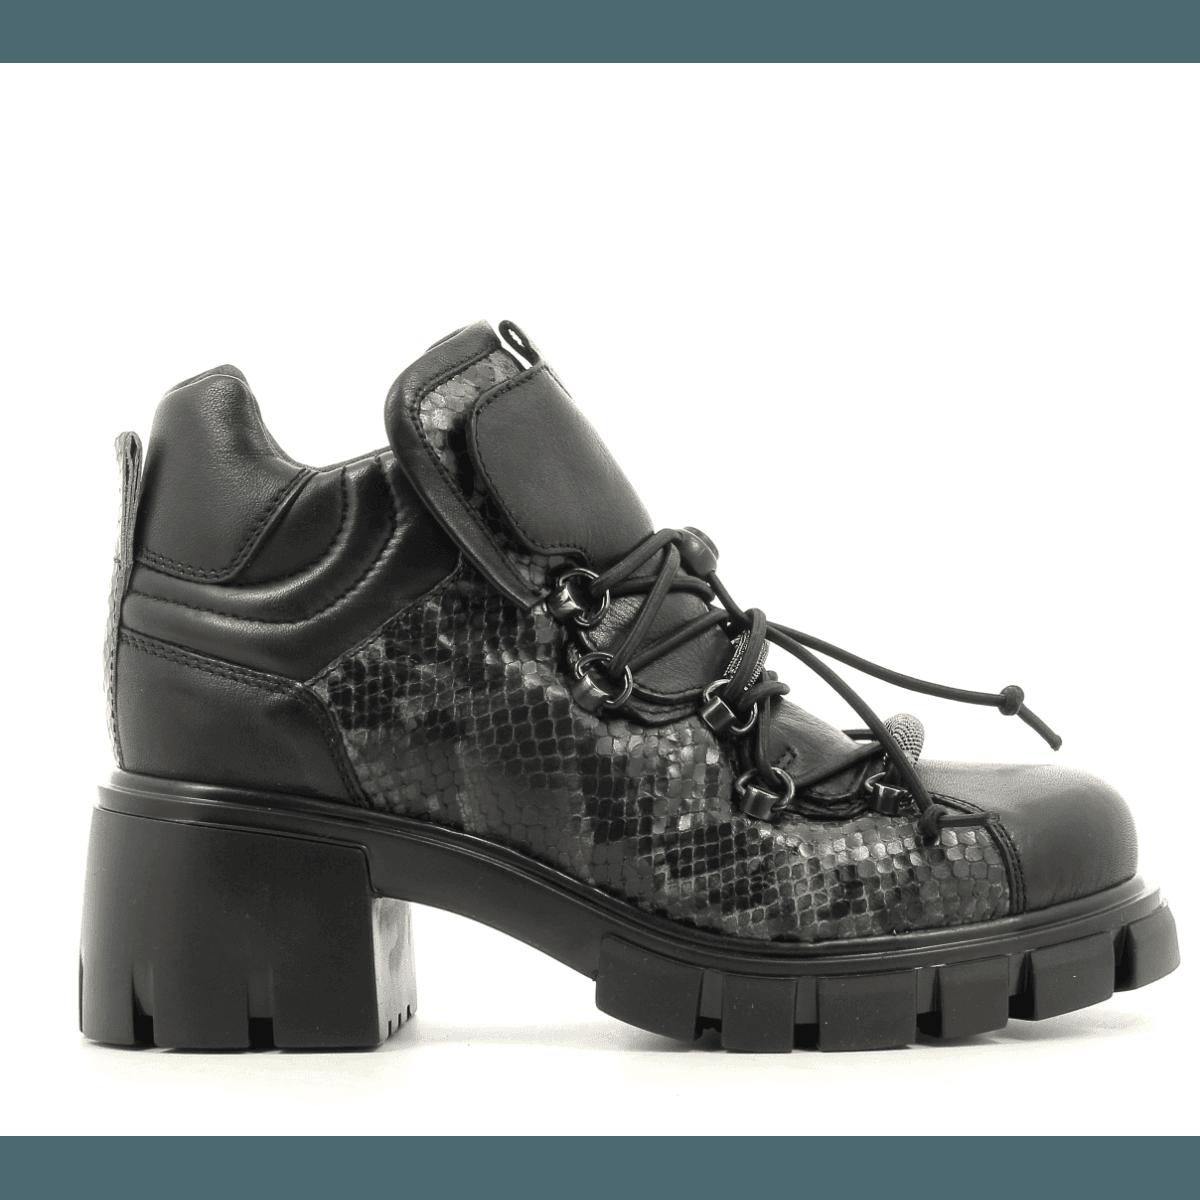 Bottines à lacets en cuir noir et vert fruit now  Sélection Garrice - 5673